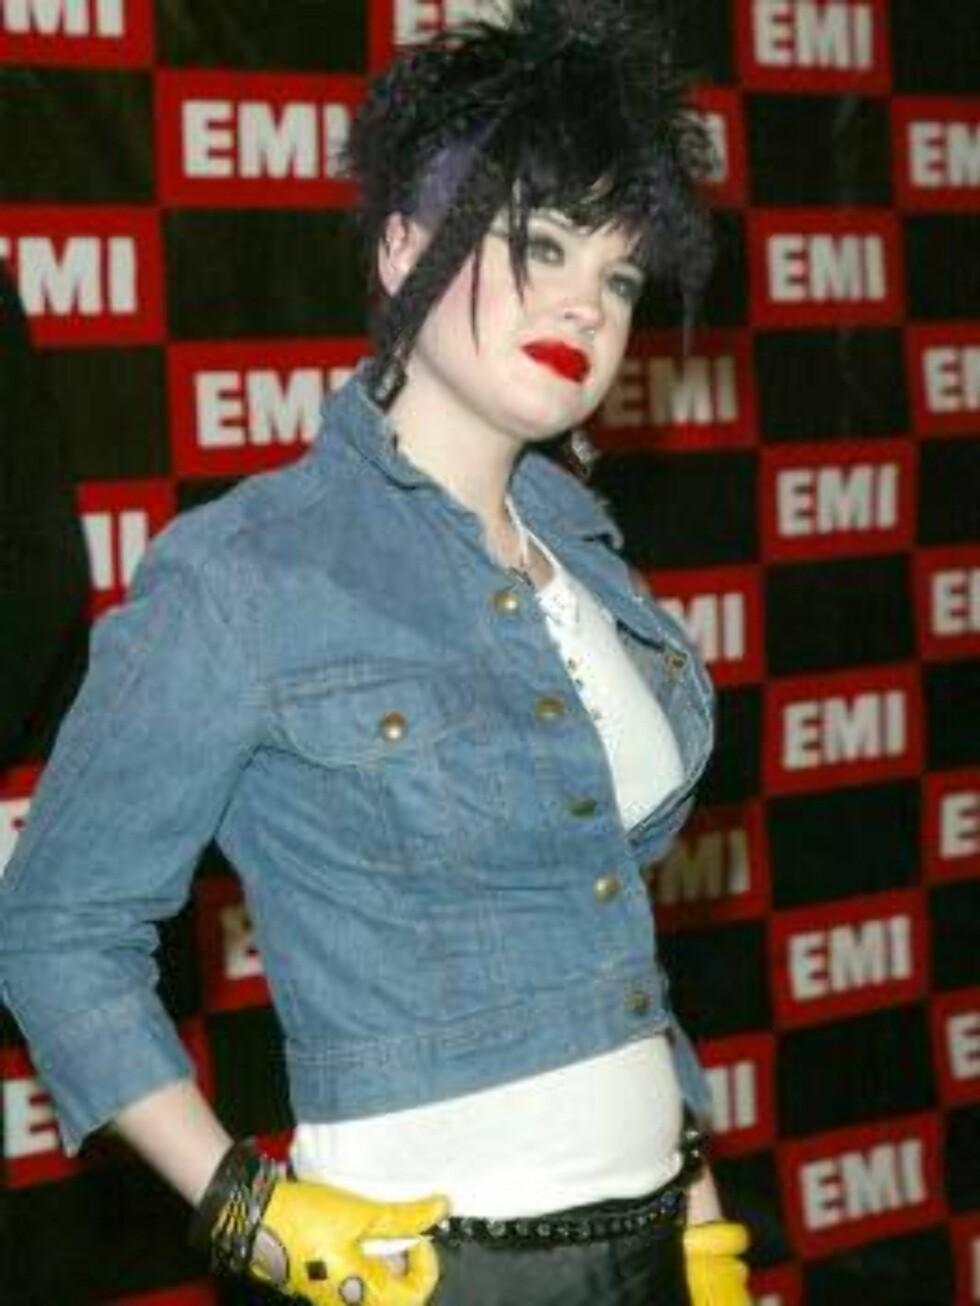 At dette er datteren til rockestjernen Ozzy Osbourne, er godt synlig. Kelly har alltid kjørt sin egen stil, men det kreppede håret og de gule kjørehanskene var vel litt i overkant? Foto: AP/Scanpix